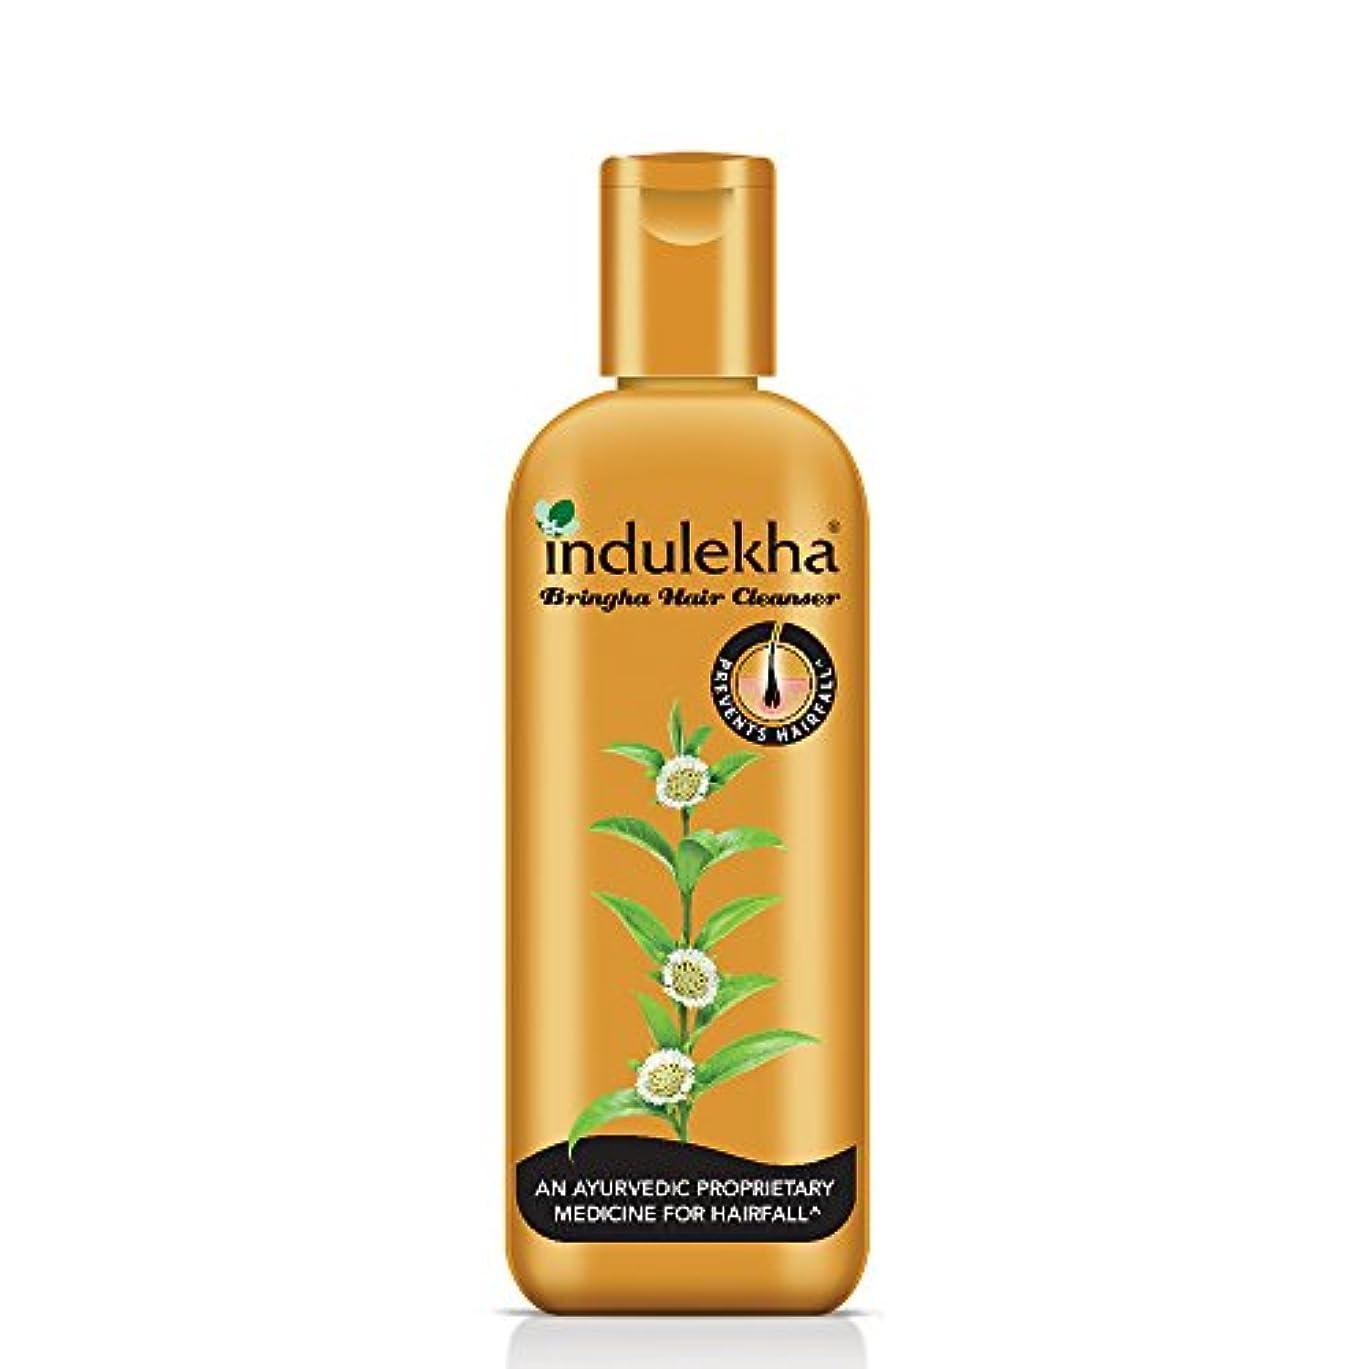 カルシウム杖賞Indulekha Bringha Anti Hair Fall Shampoo (Hair Cleanser) 200ml, 6.76 oz - 並行輸入品 - イニディカ・ブリンガアンチヘアフォールシャンプー(ヘアクレンザー...